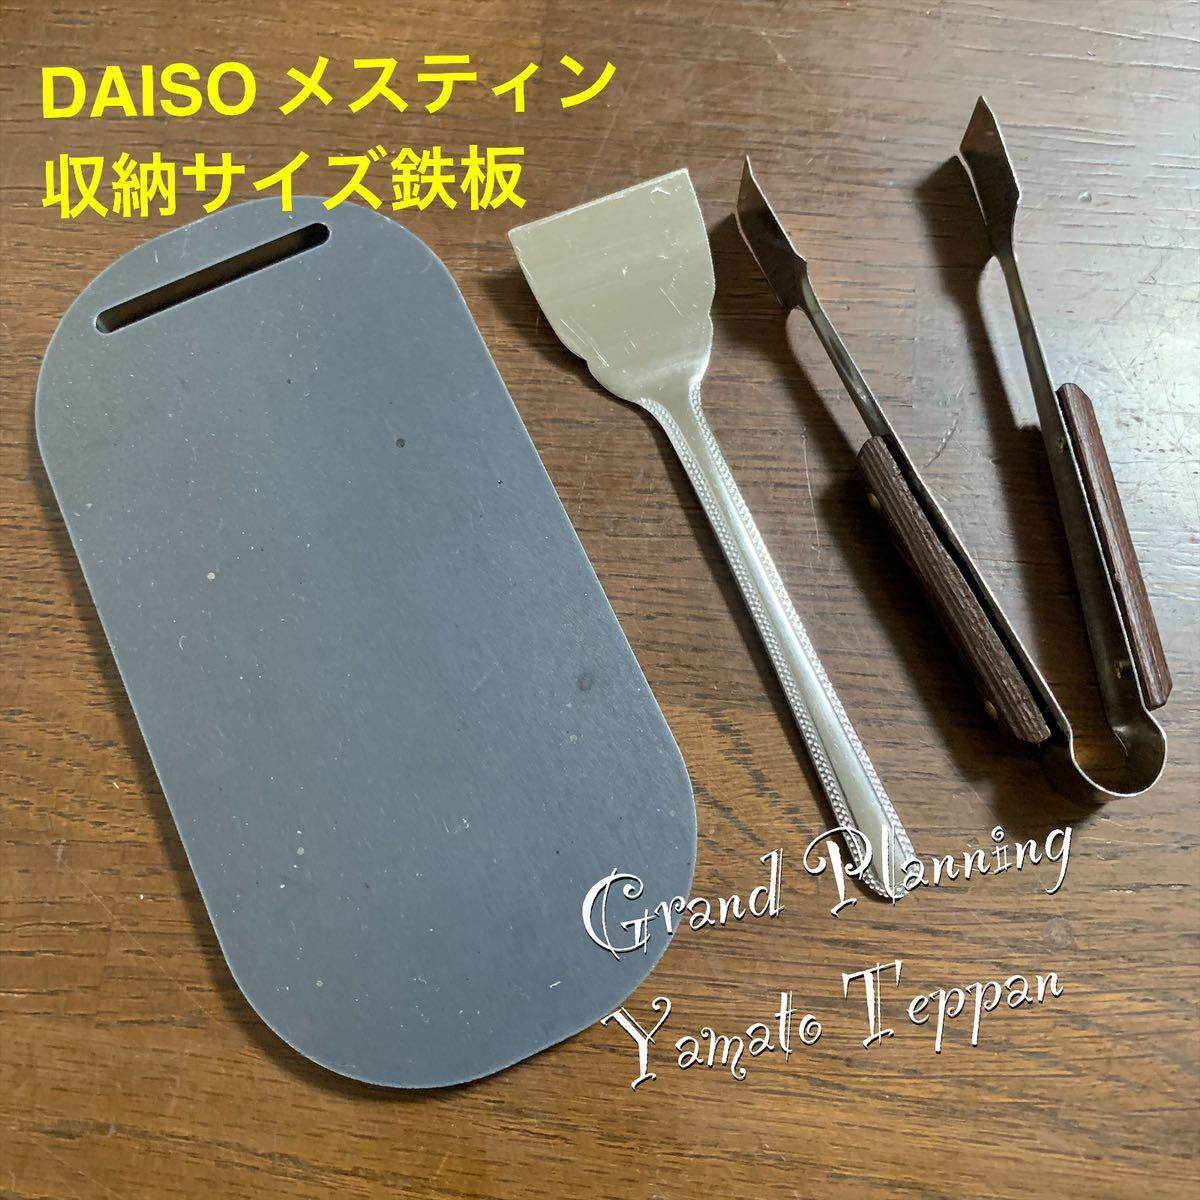 ダイソー DAISO メスティン 収納サイズ 4.5ミリ 鉄板 トング 取手用ヘラ アウトドア ソロキャンプ ソロ鉄板 大和鉄板